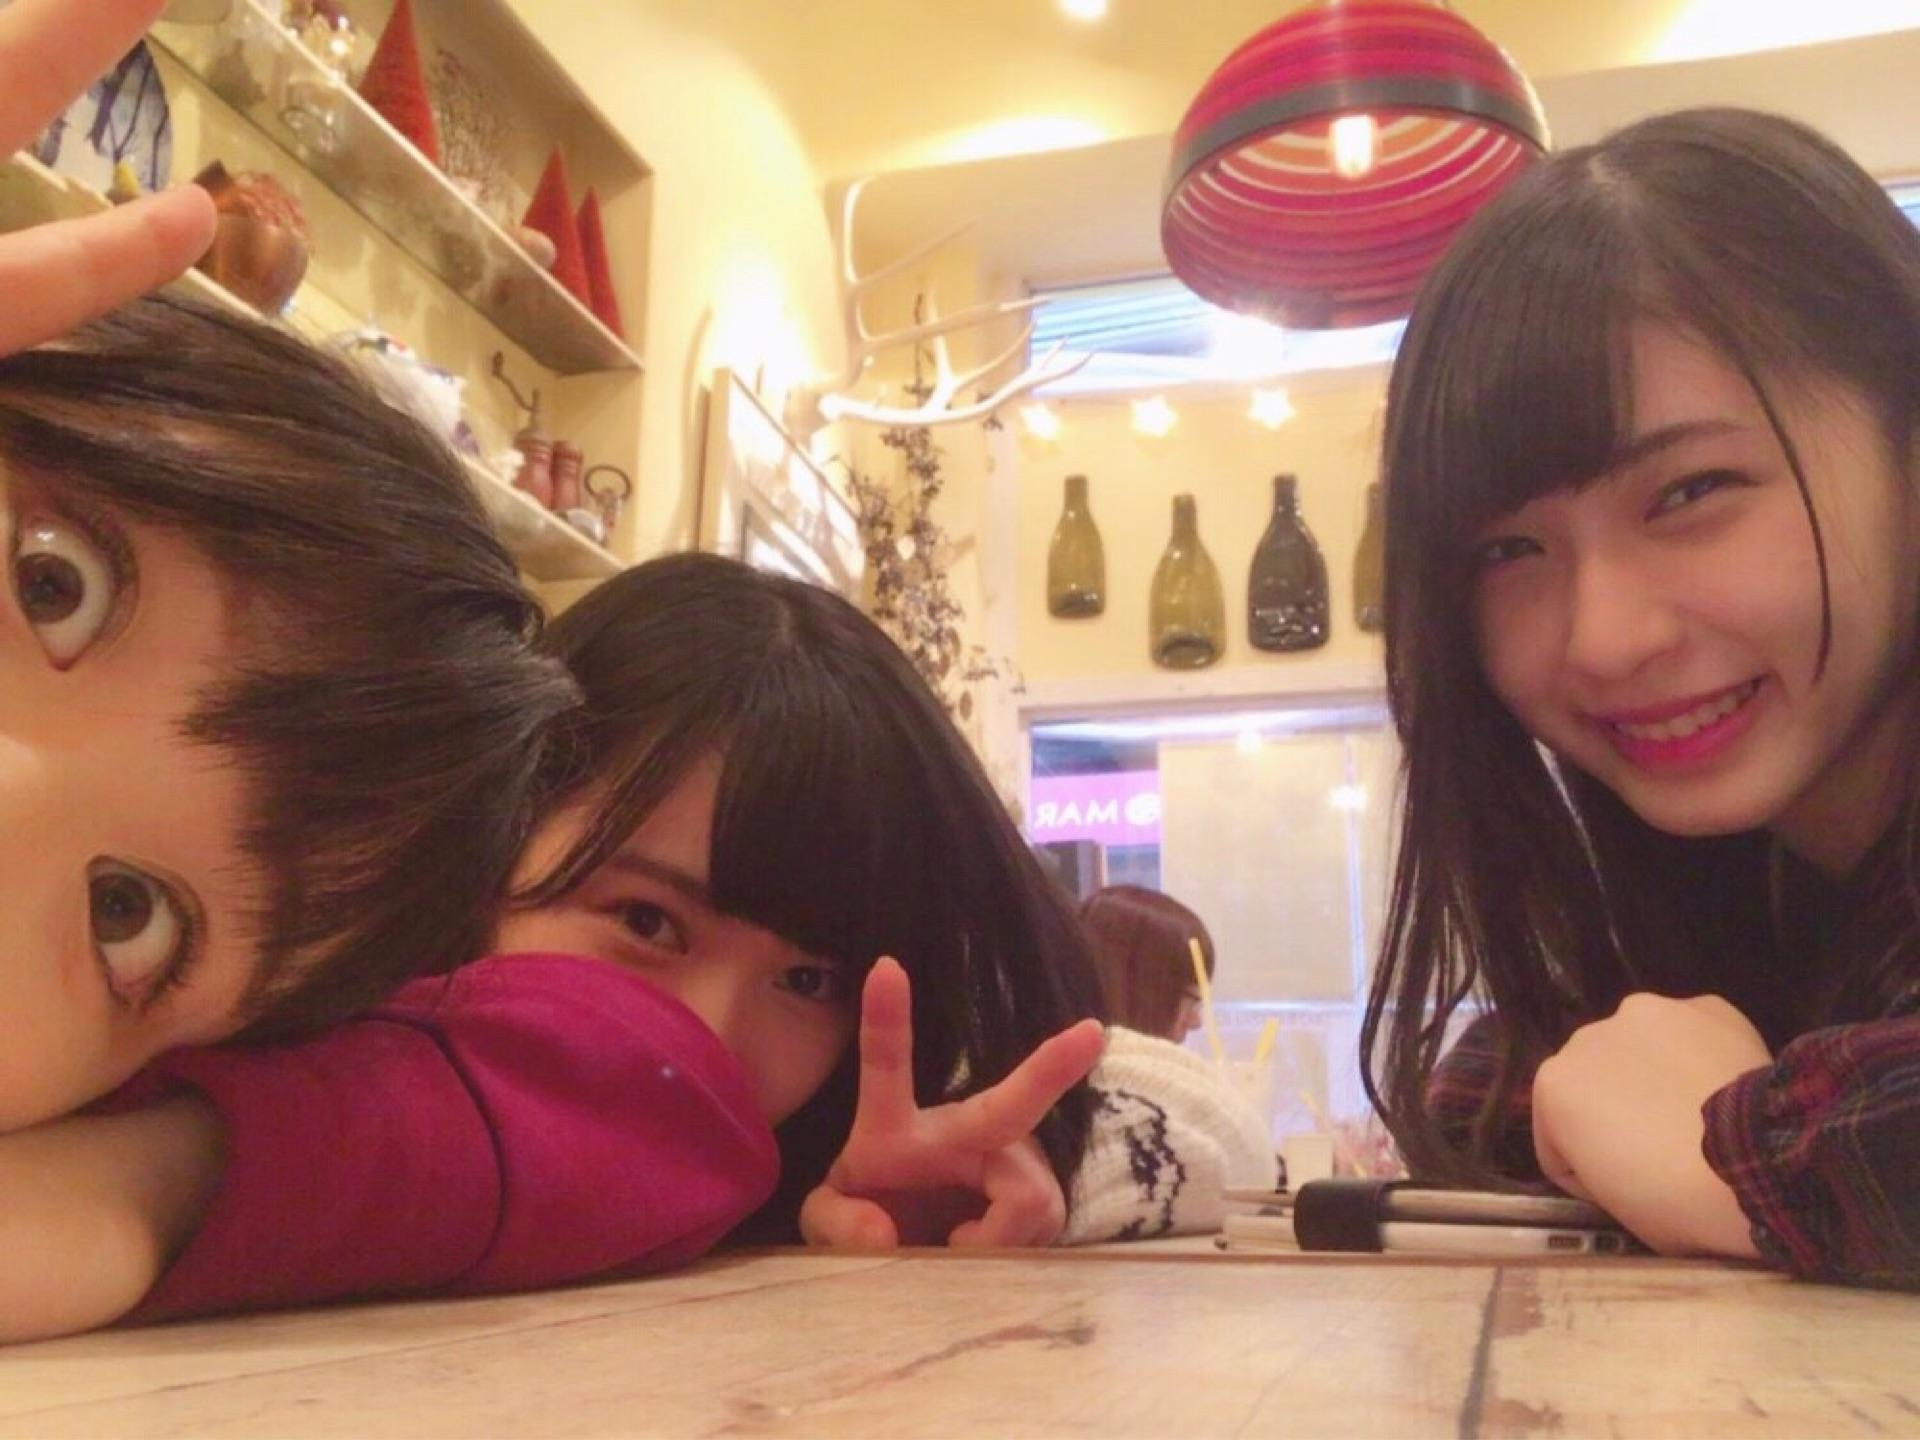 【HKT48】小田彩加応援スレ★4【4期生】©2ch.netYouTube動画>9本 ->画像>1559枚